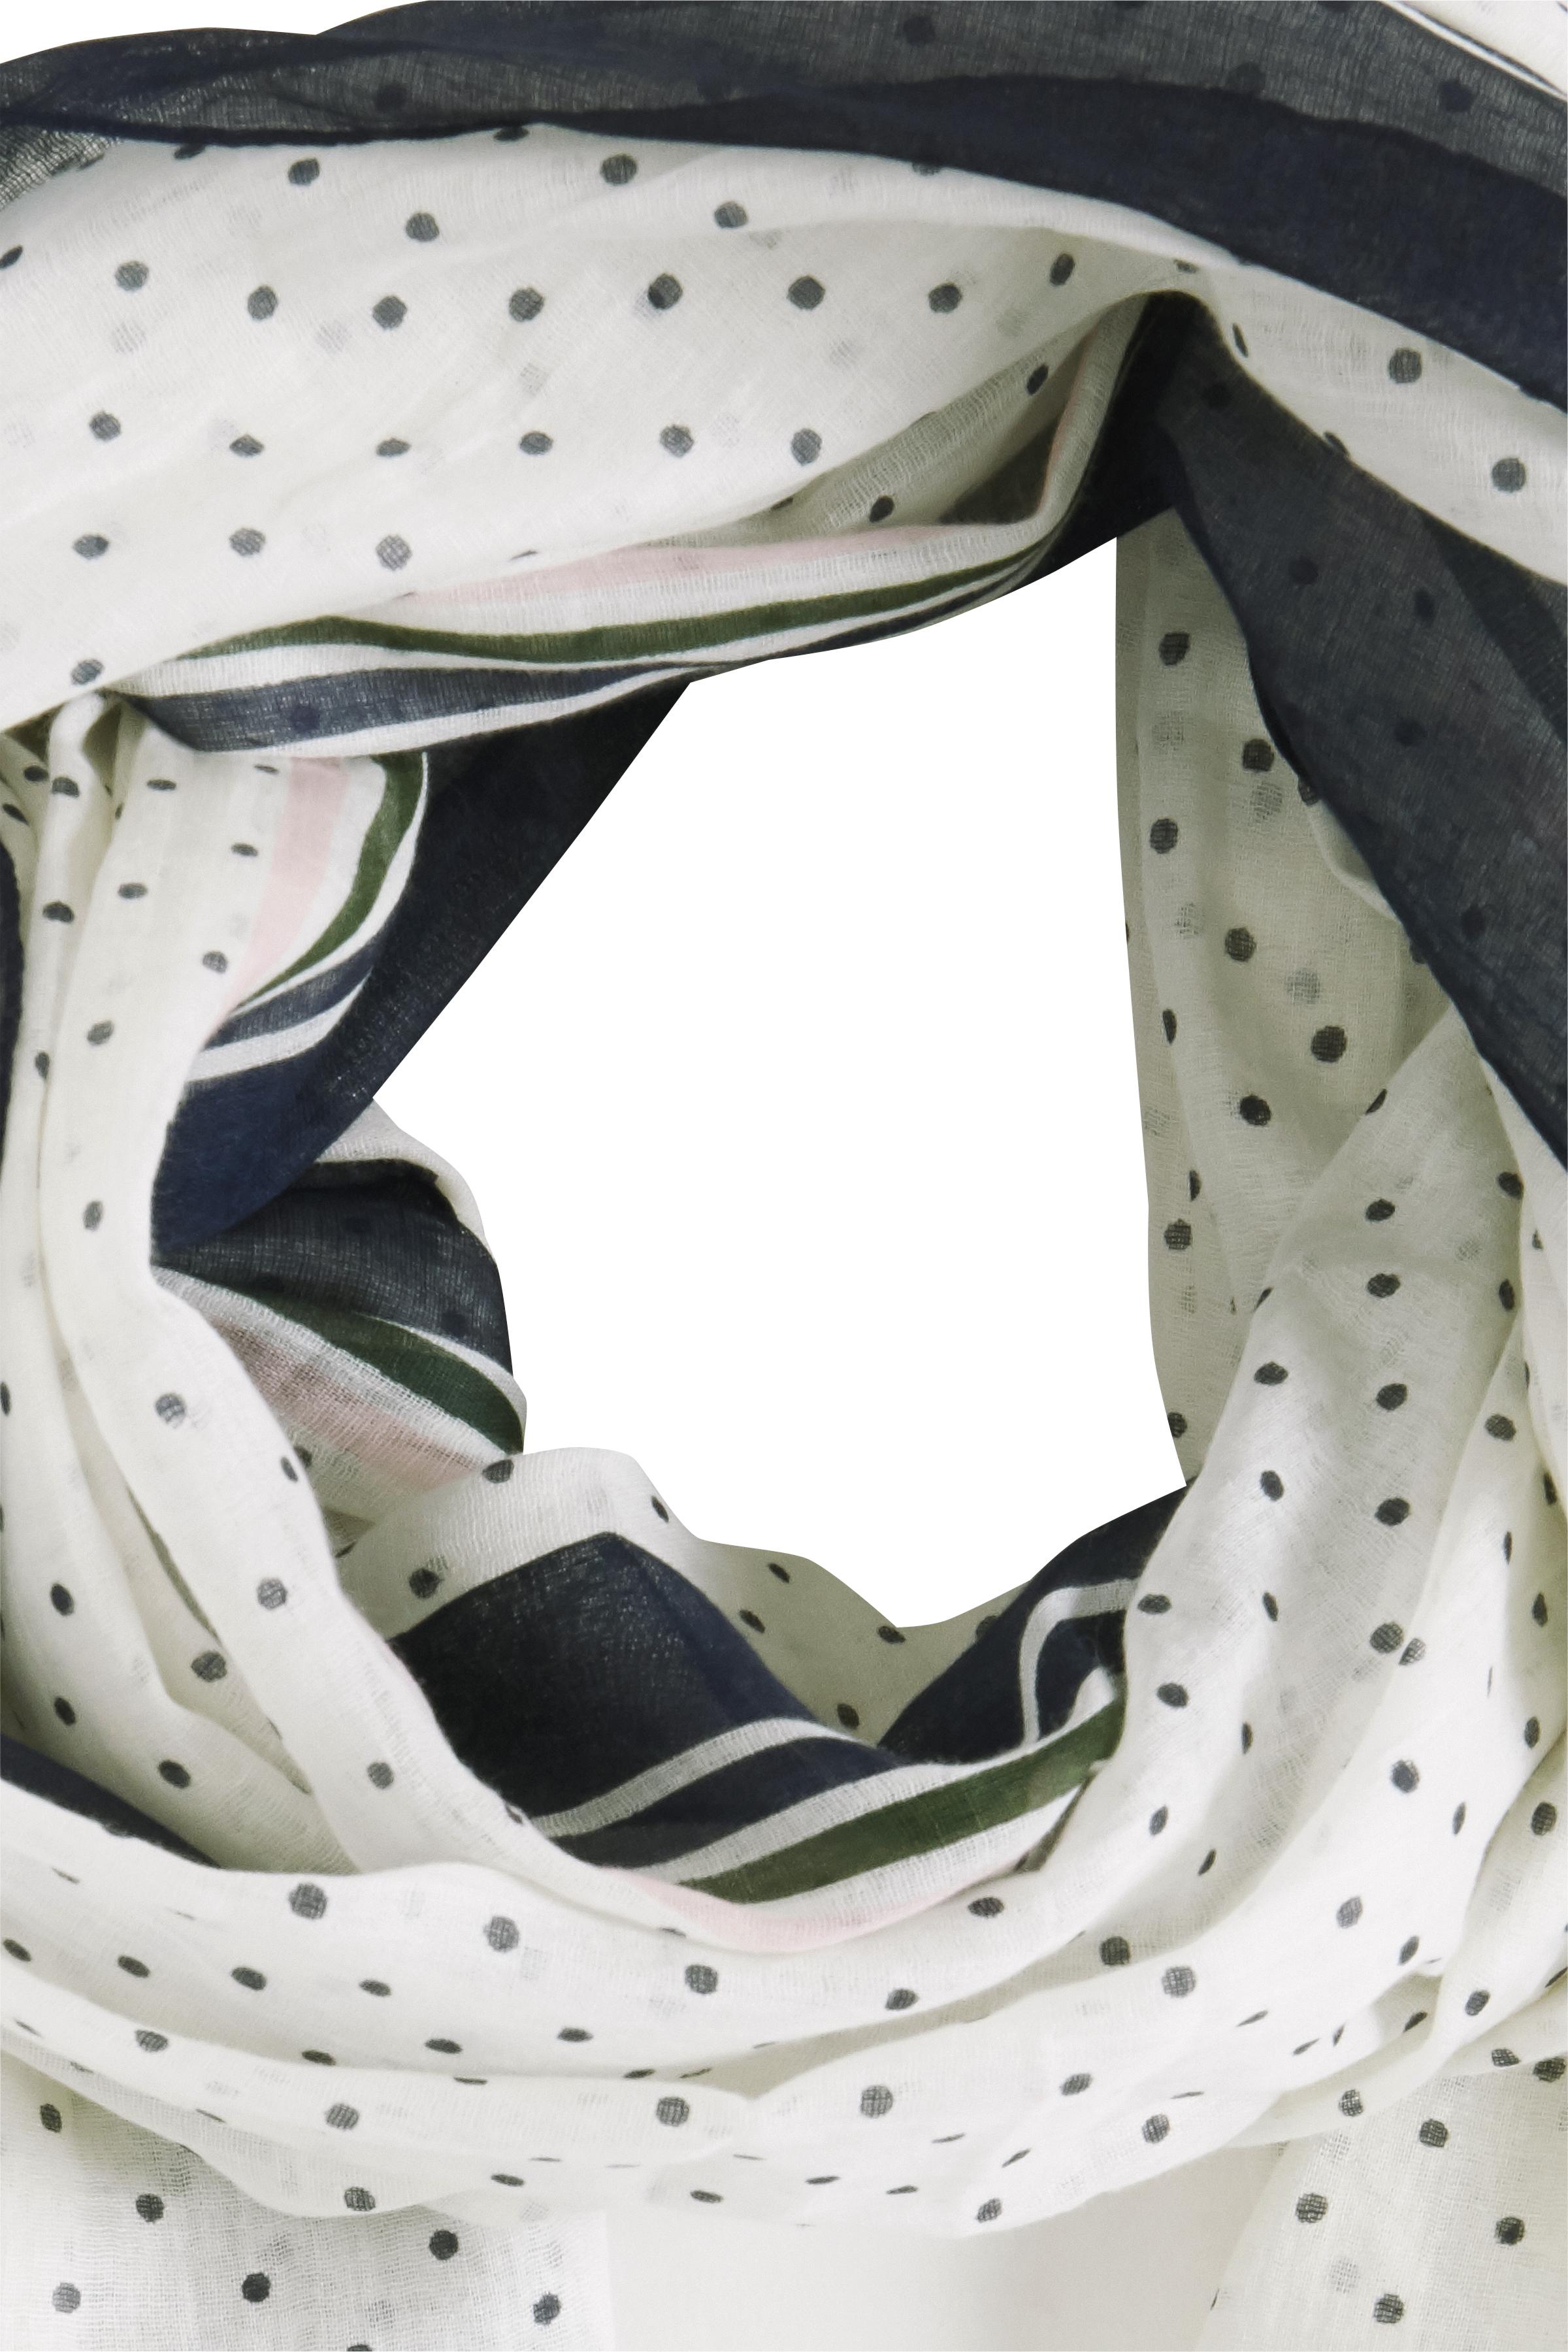 Hvid/marineblå Tørklæde fra Fransa – Køb Hvid/marineblå Tørklæde fra str. ONE her